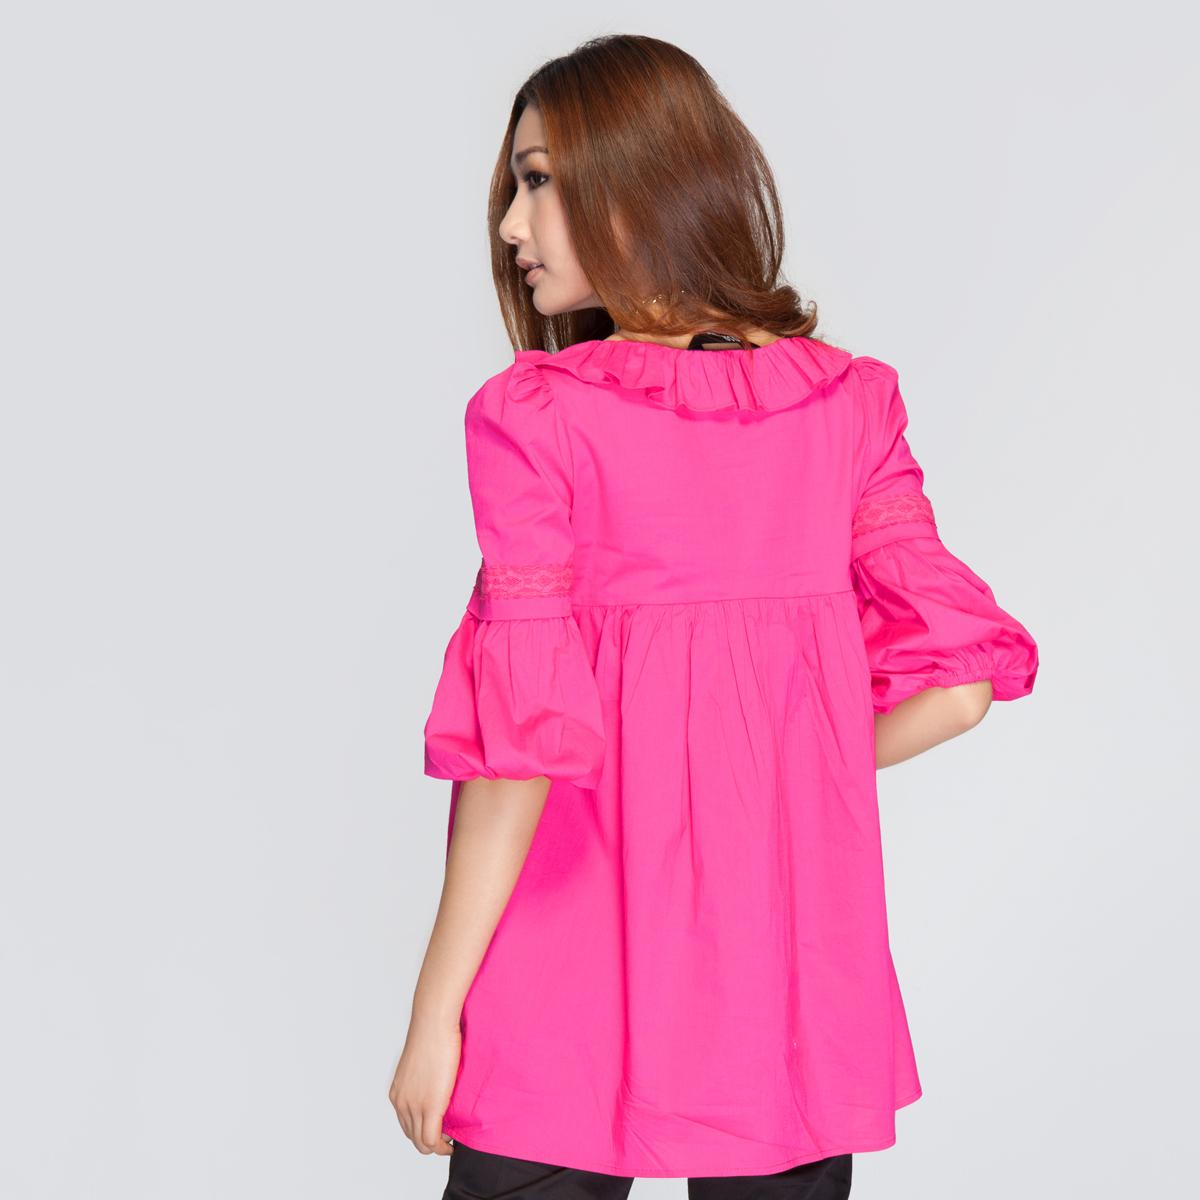 женская рубашка OSA sc10241 O.SA2011 97 Однотонный цвет Бантик бабочкой Круглый воротник